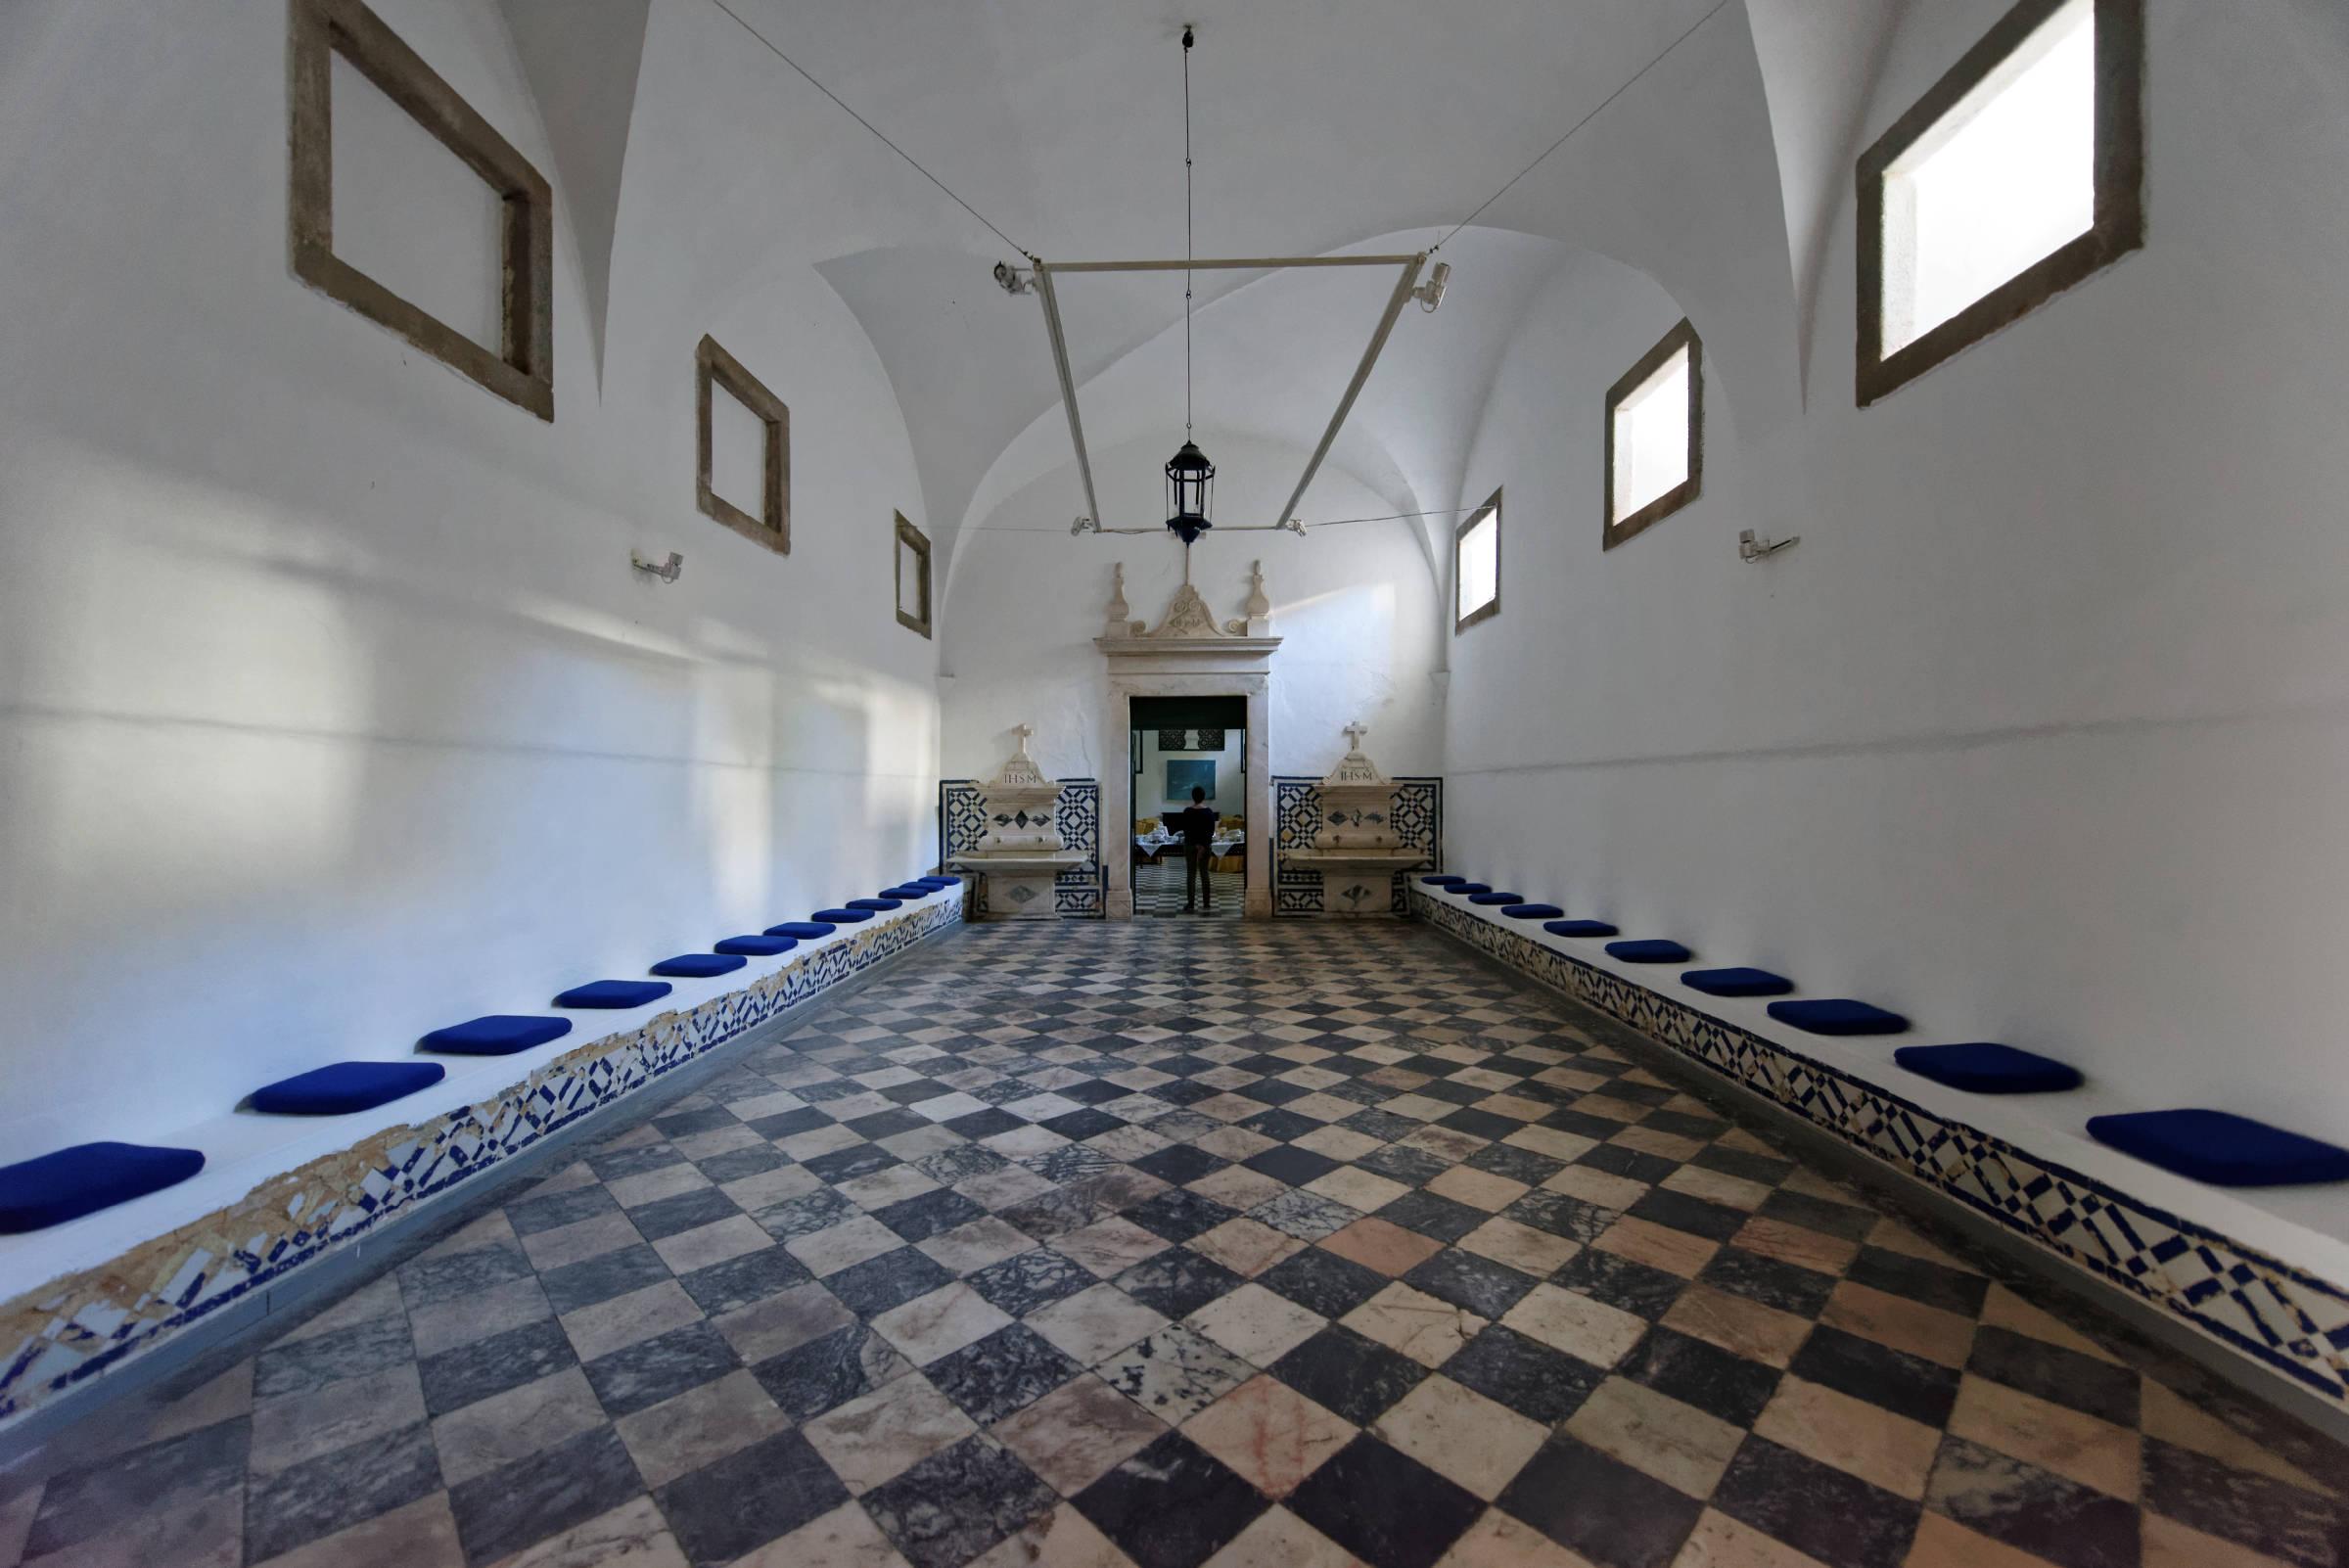 160407-Convento de sao paulo (Alentero Portugal) (117)